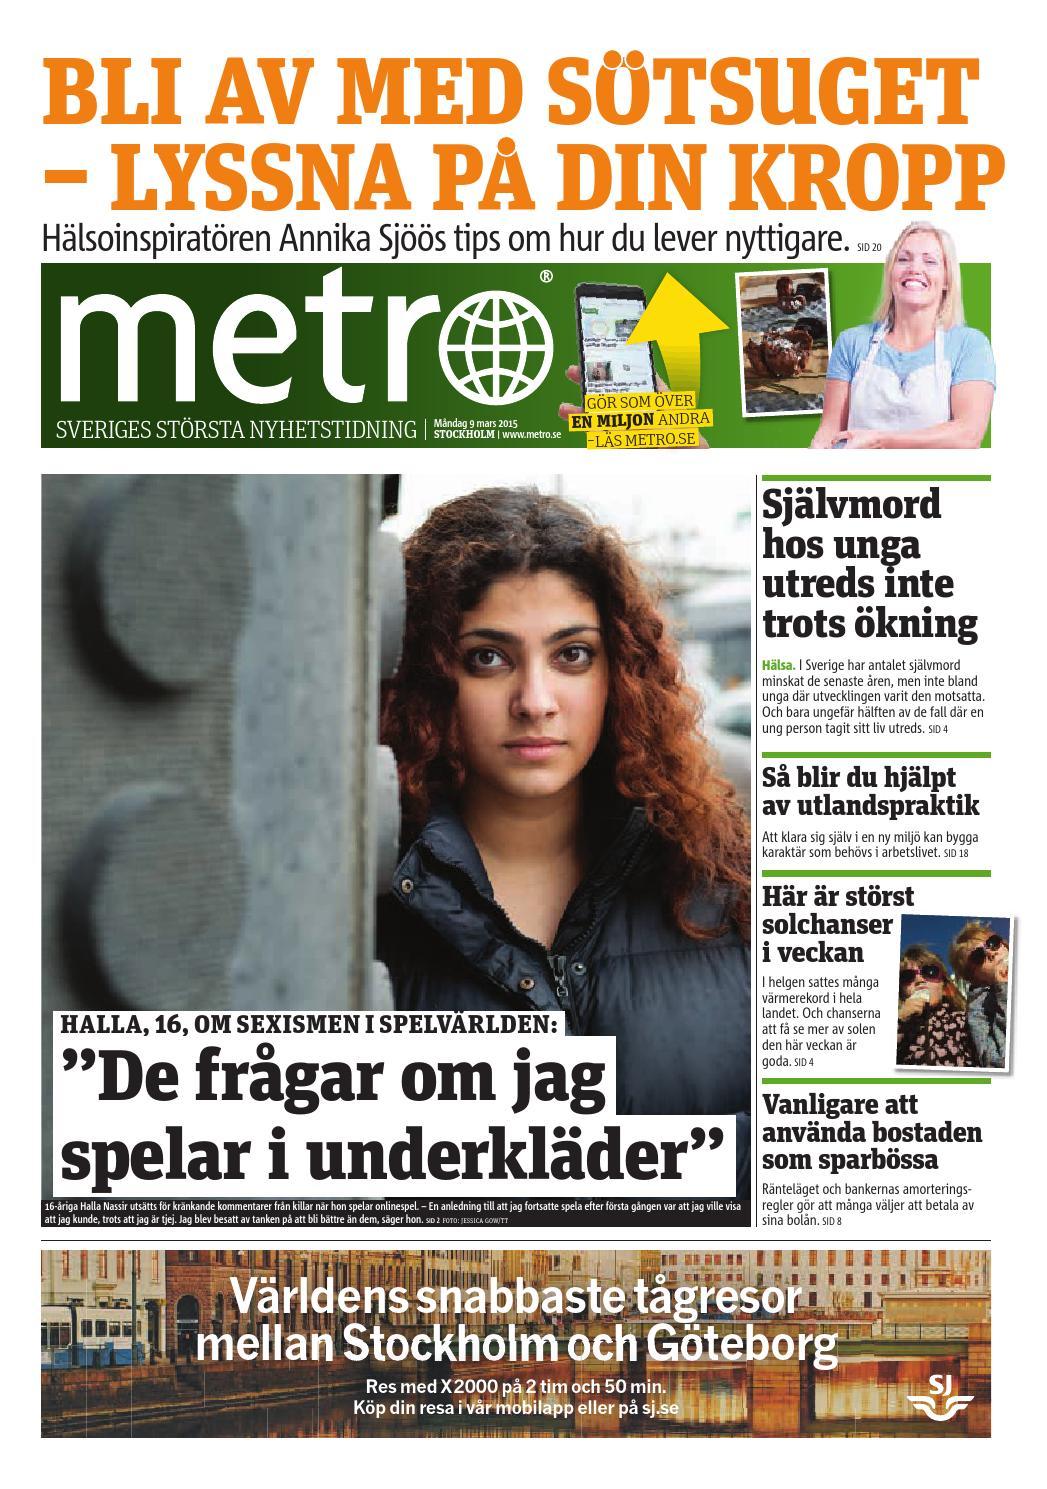 Sverige foll i dc efter utklassning